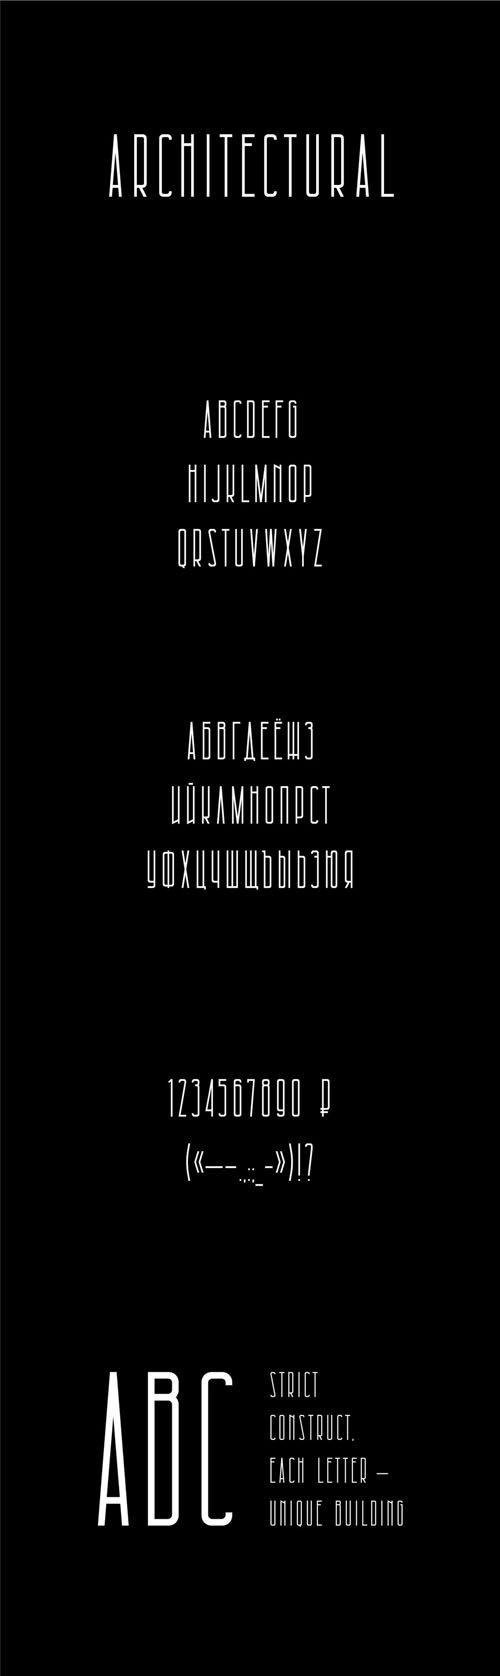 Architectural - Unique Condensed Typeface